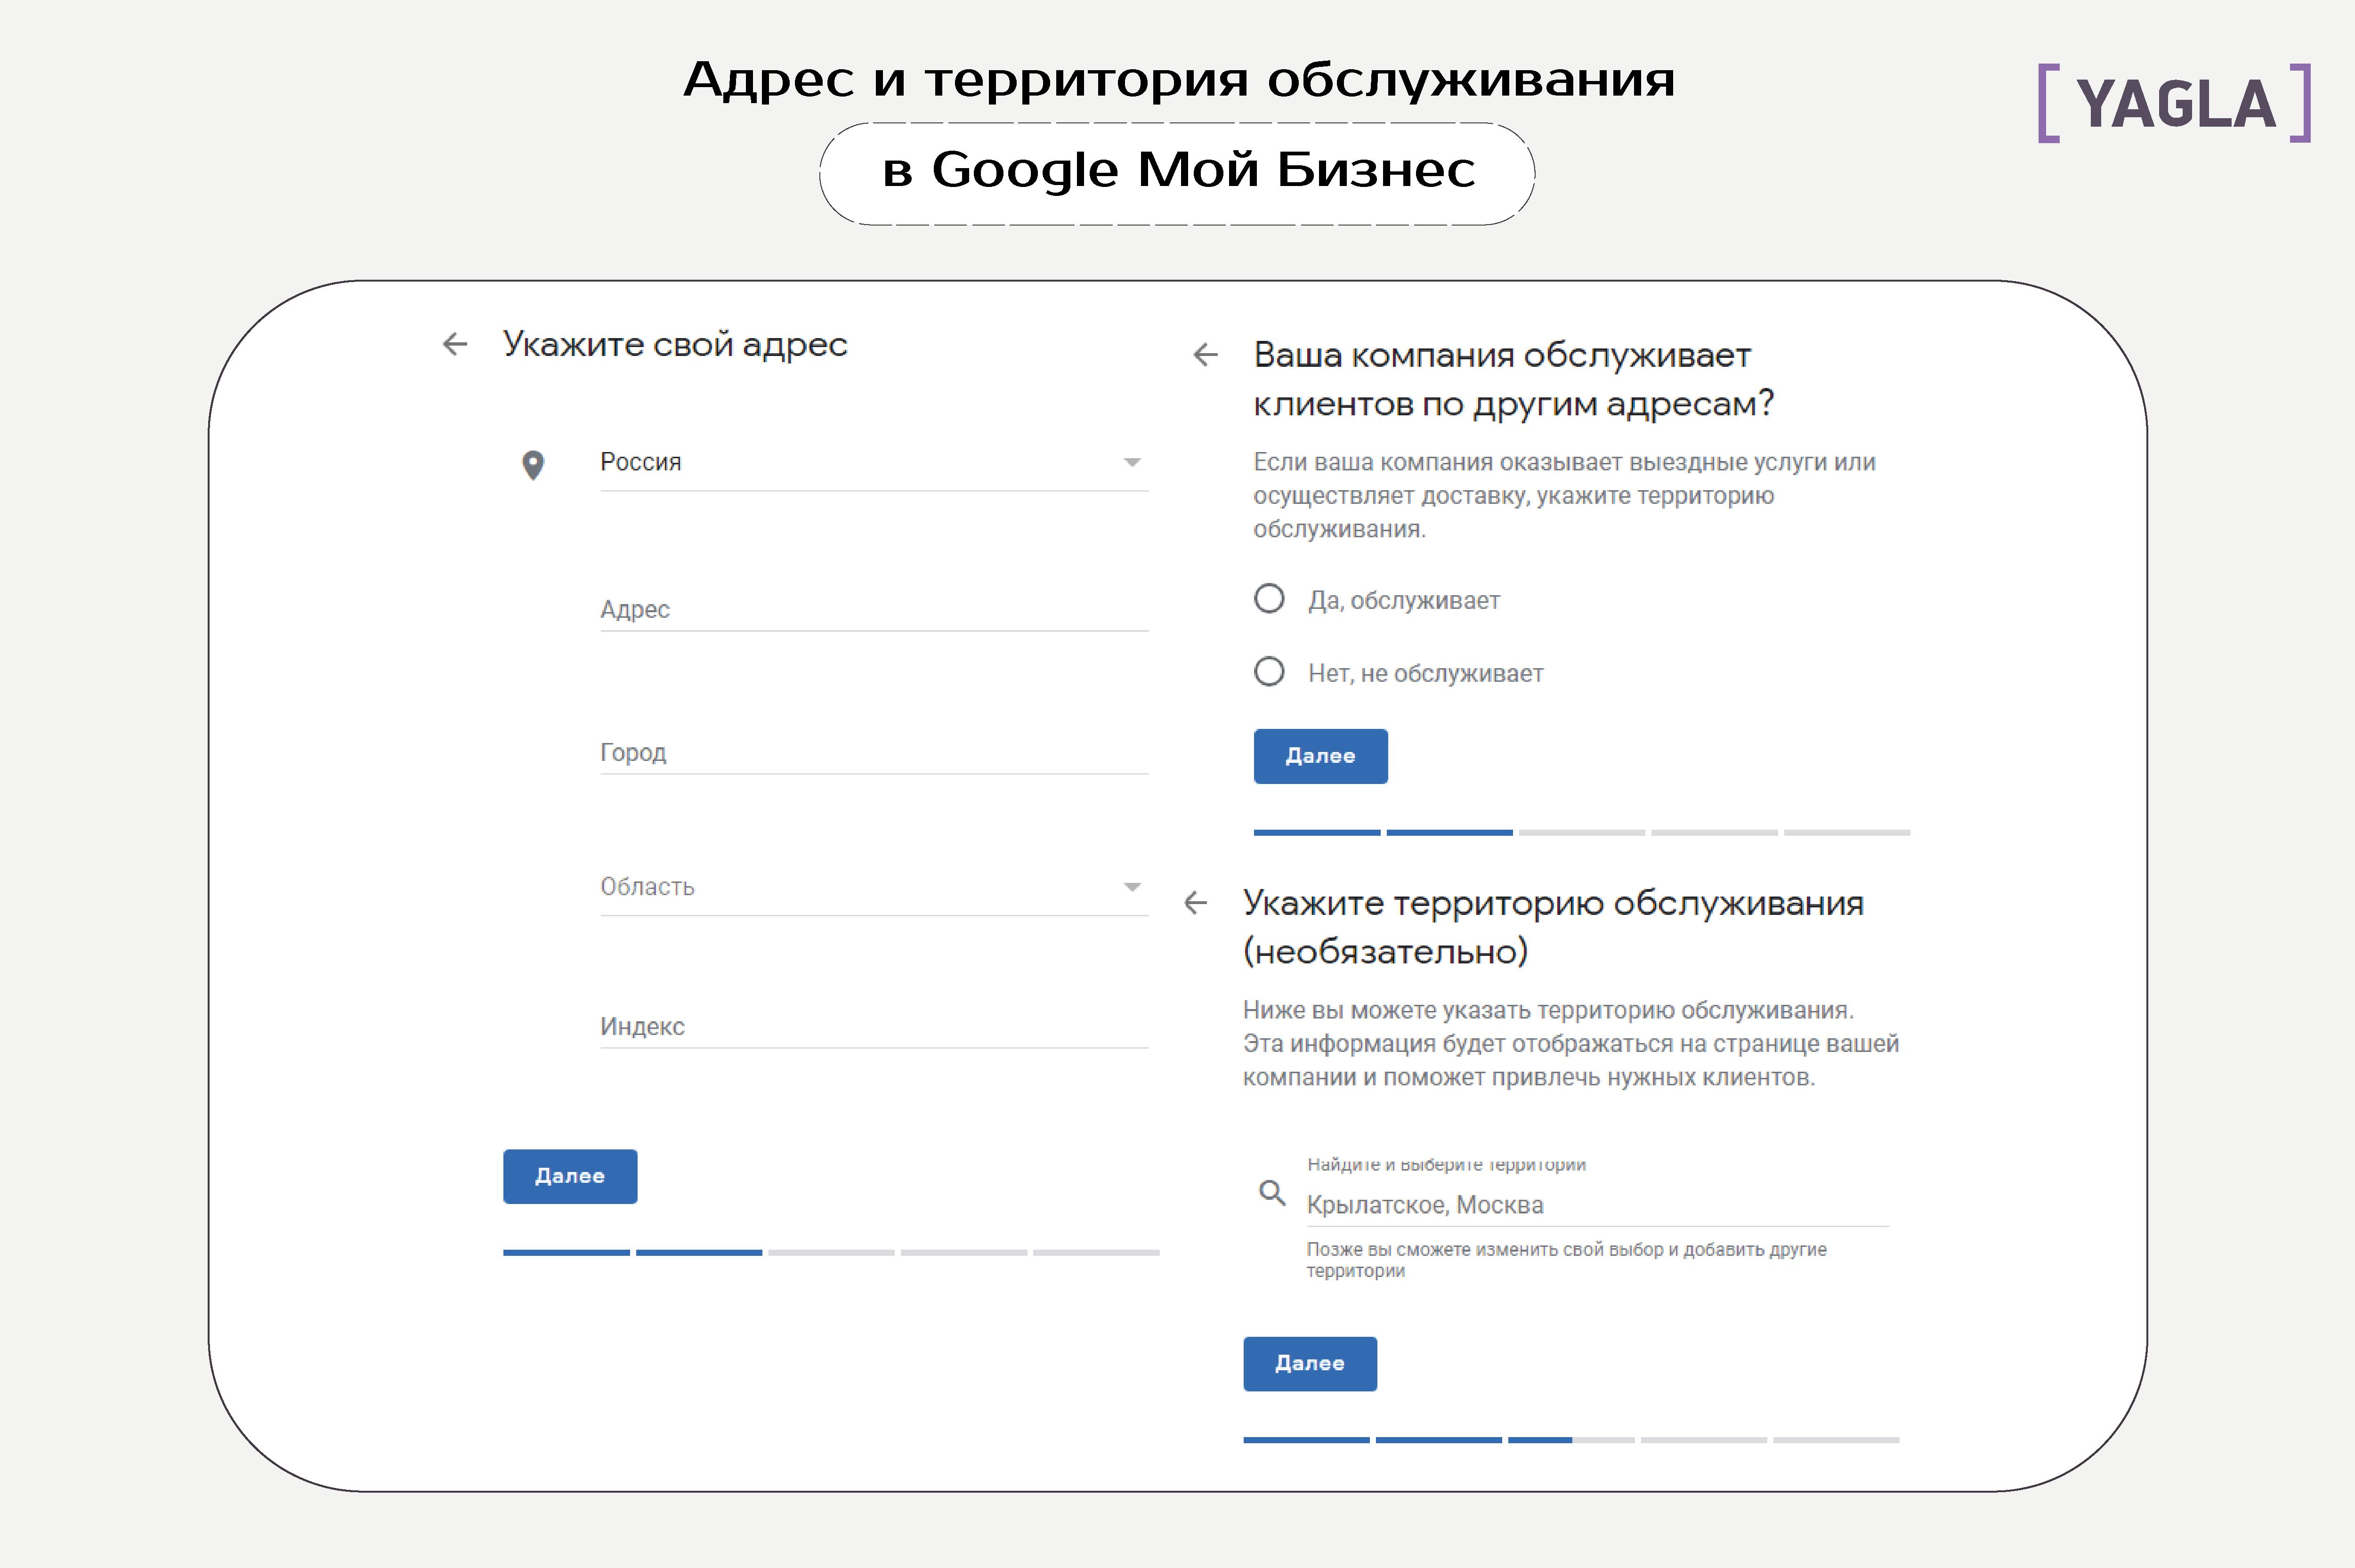 Адрес и территория обслуживания в Google Мой Бизнес